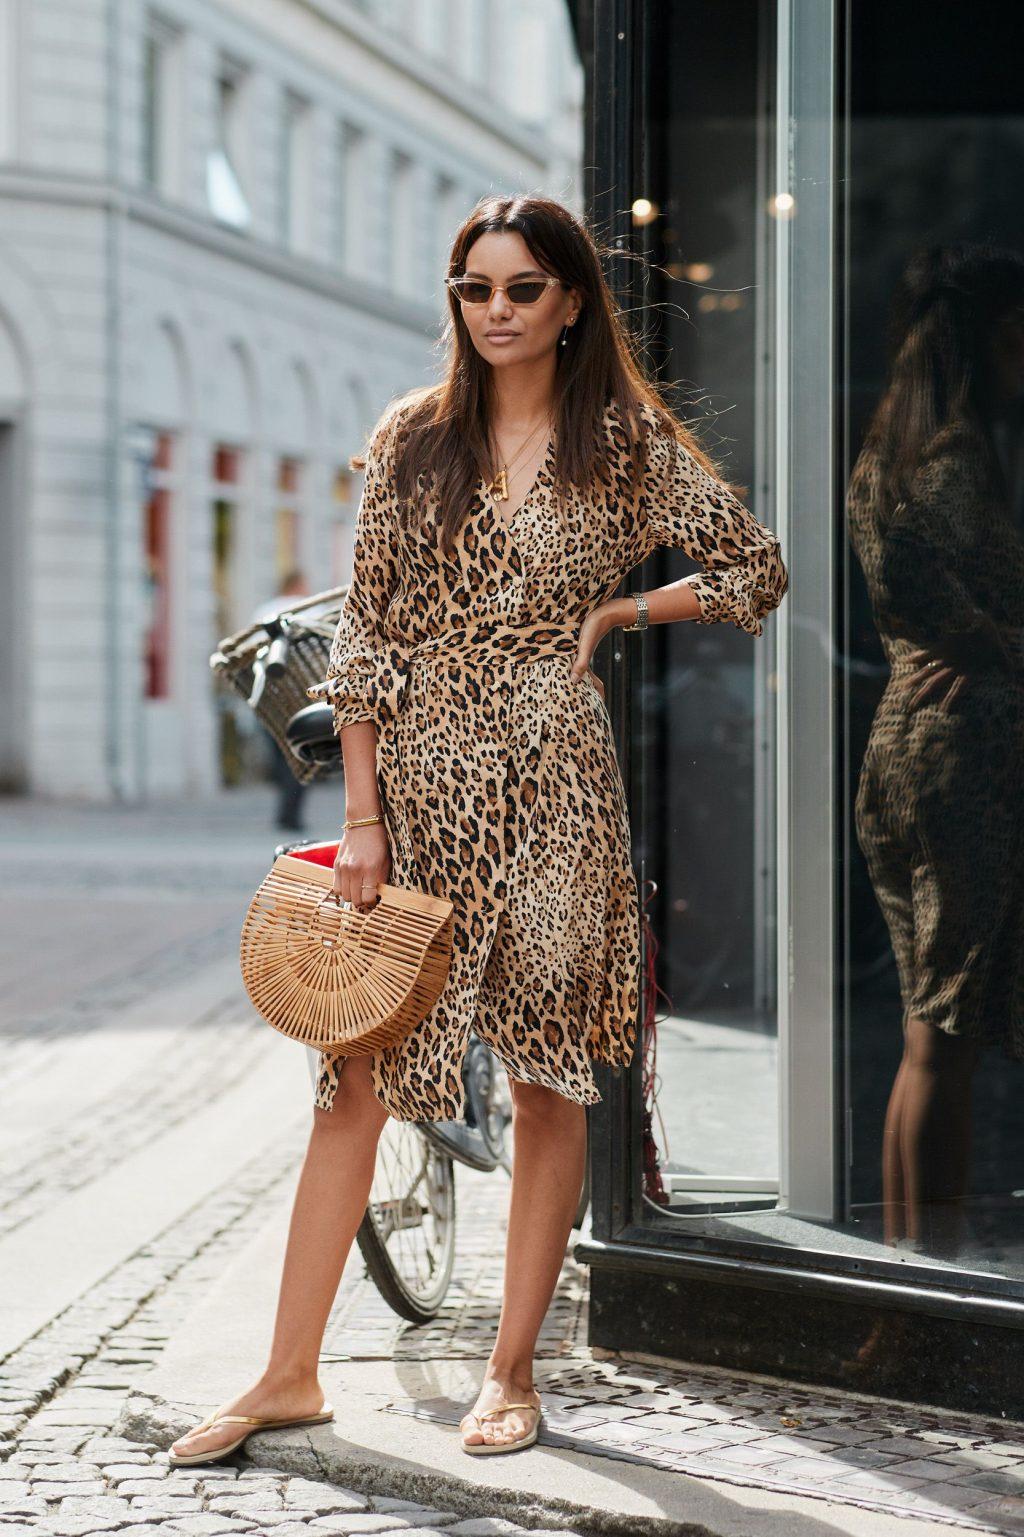 Fashionista Szymon Brzóska kết hợp dép xỏ ngón cùng túi đan từ tre.